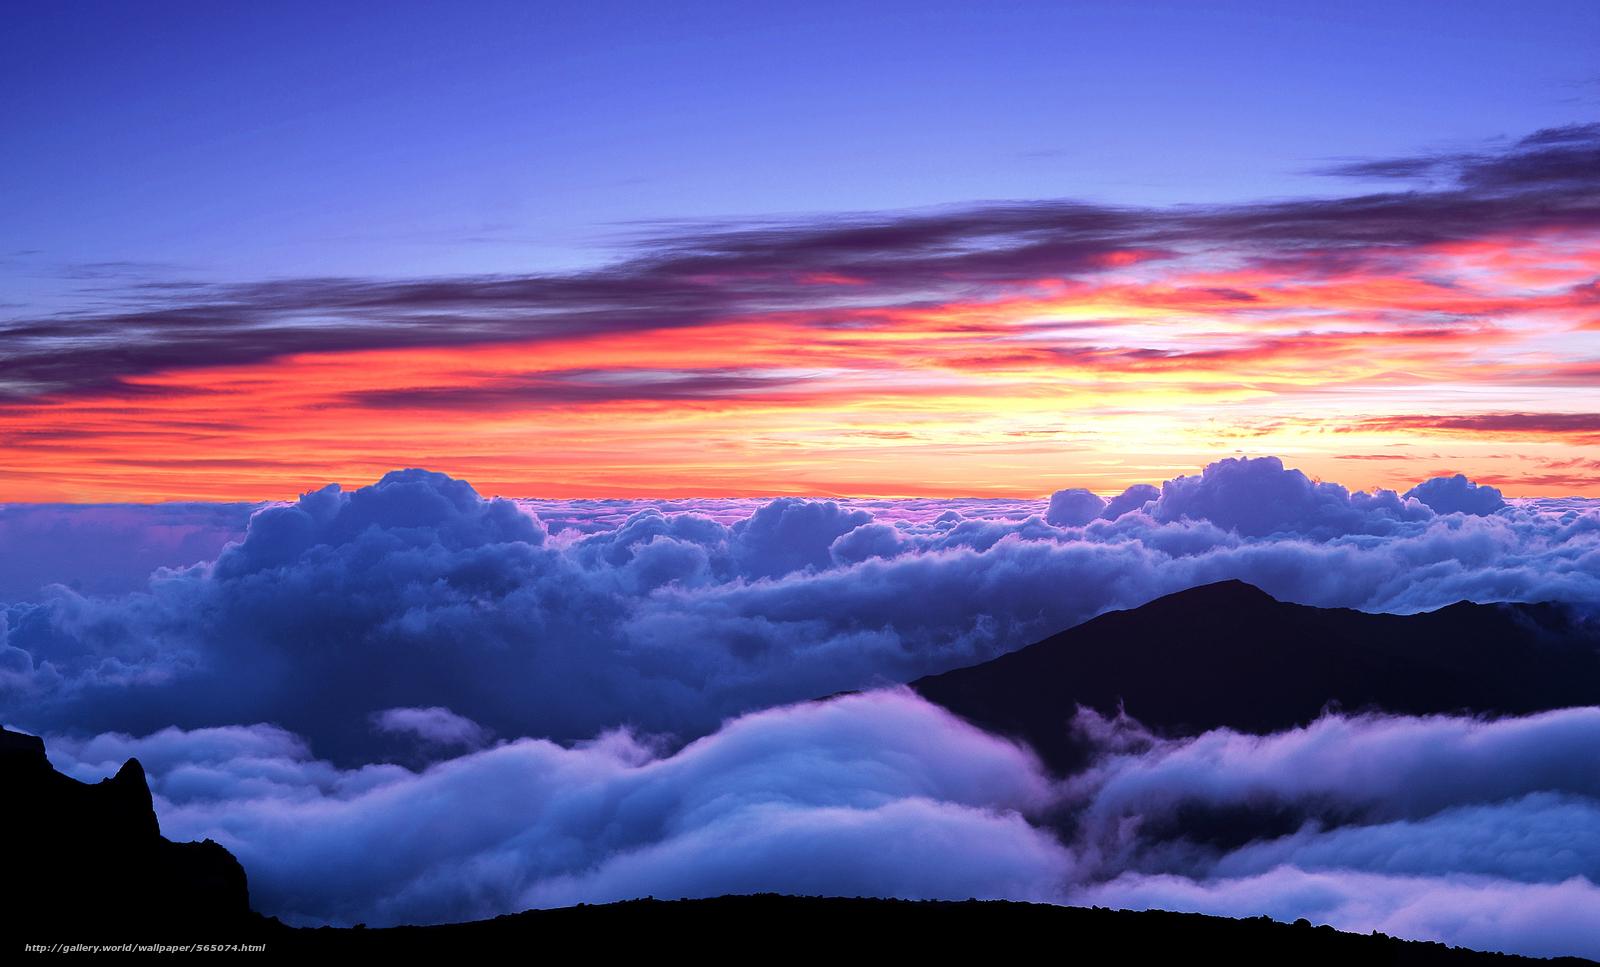 Tlcharger fond d 39 ecran coucher du soleil ciel montagnes nuages fonds d 39 ecran gratuits pour - Photo coucher de soleil montagne ...